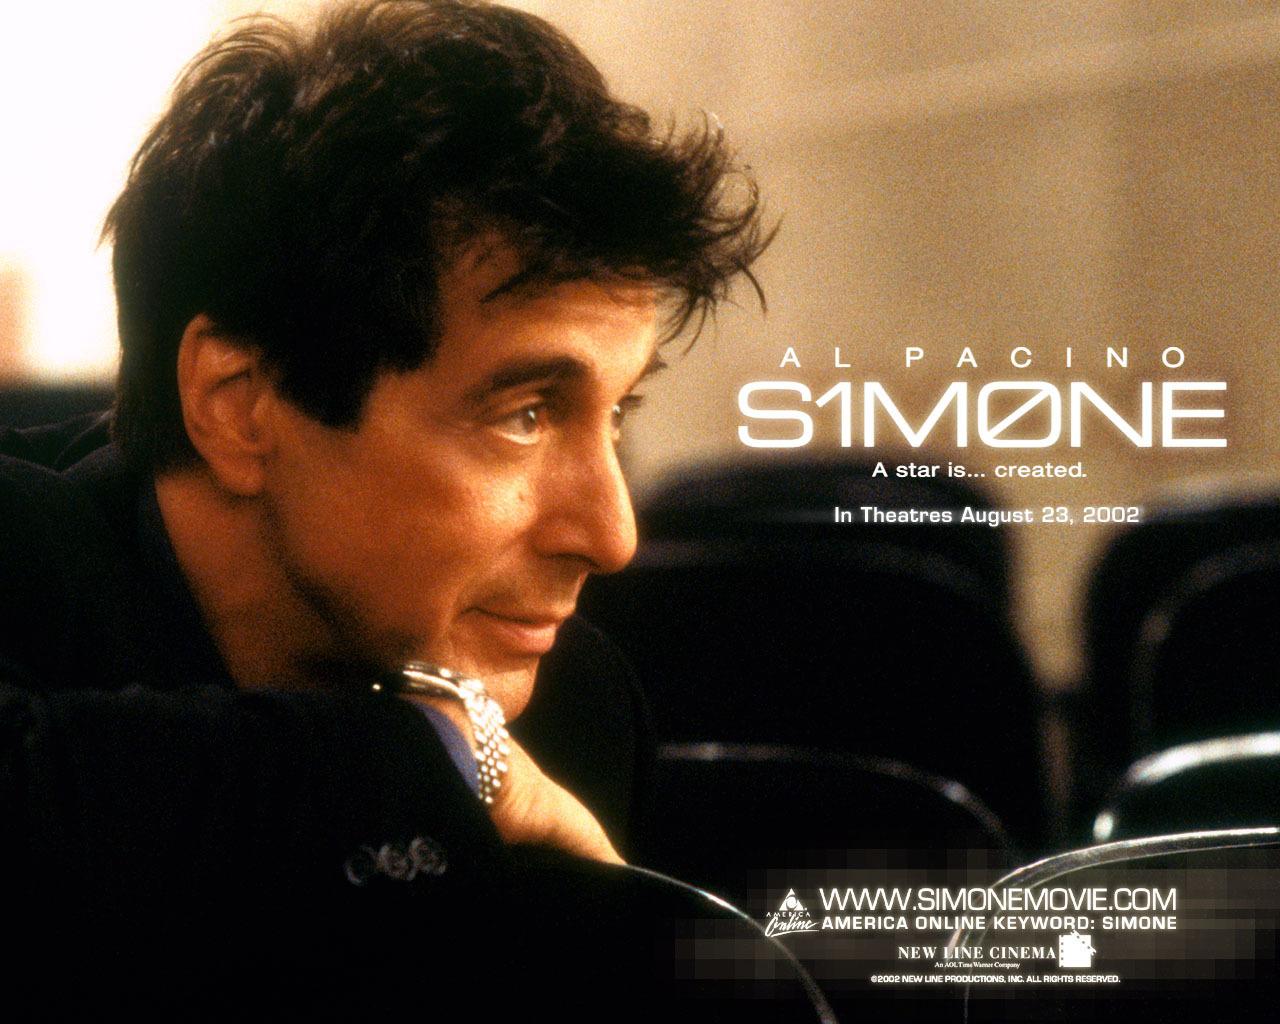 Al Pacino movies image...